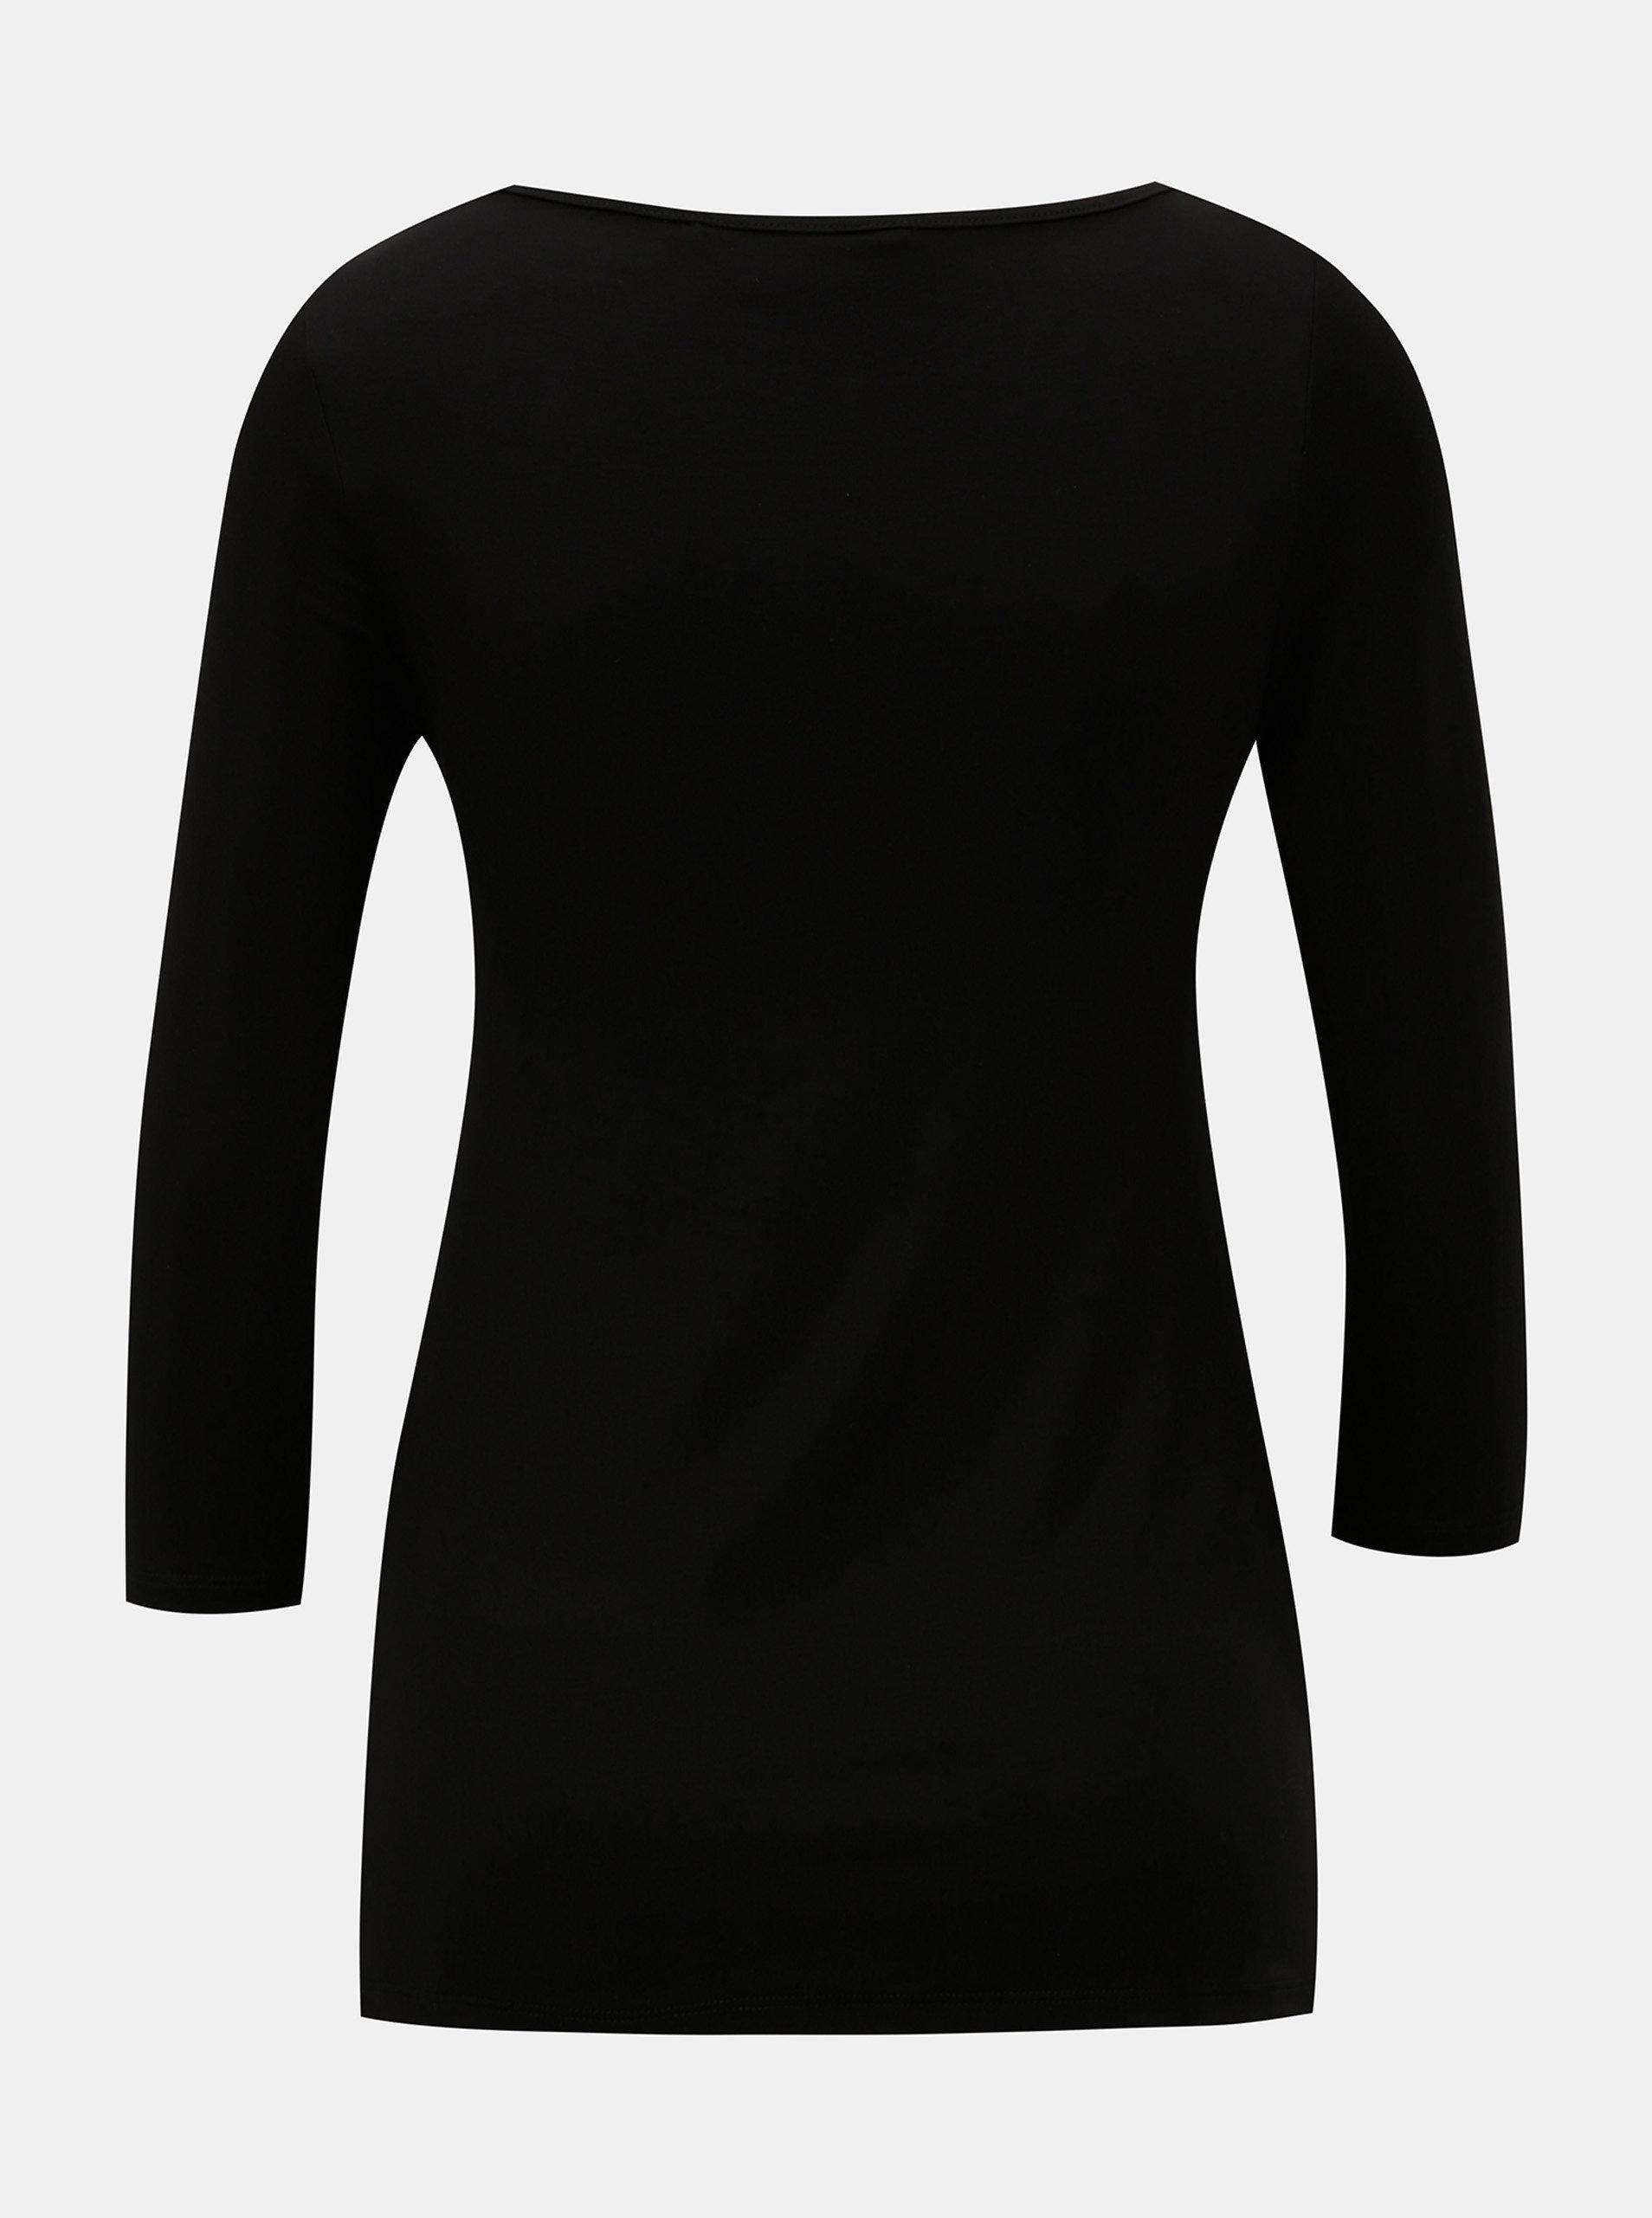 ecbaa85a6c06 Balenie dvoch tehotenských tričiek v bielej a čiernej farbe Dorothy Perkins  Maternity ...